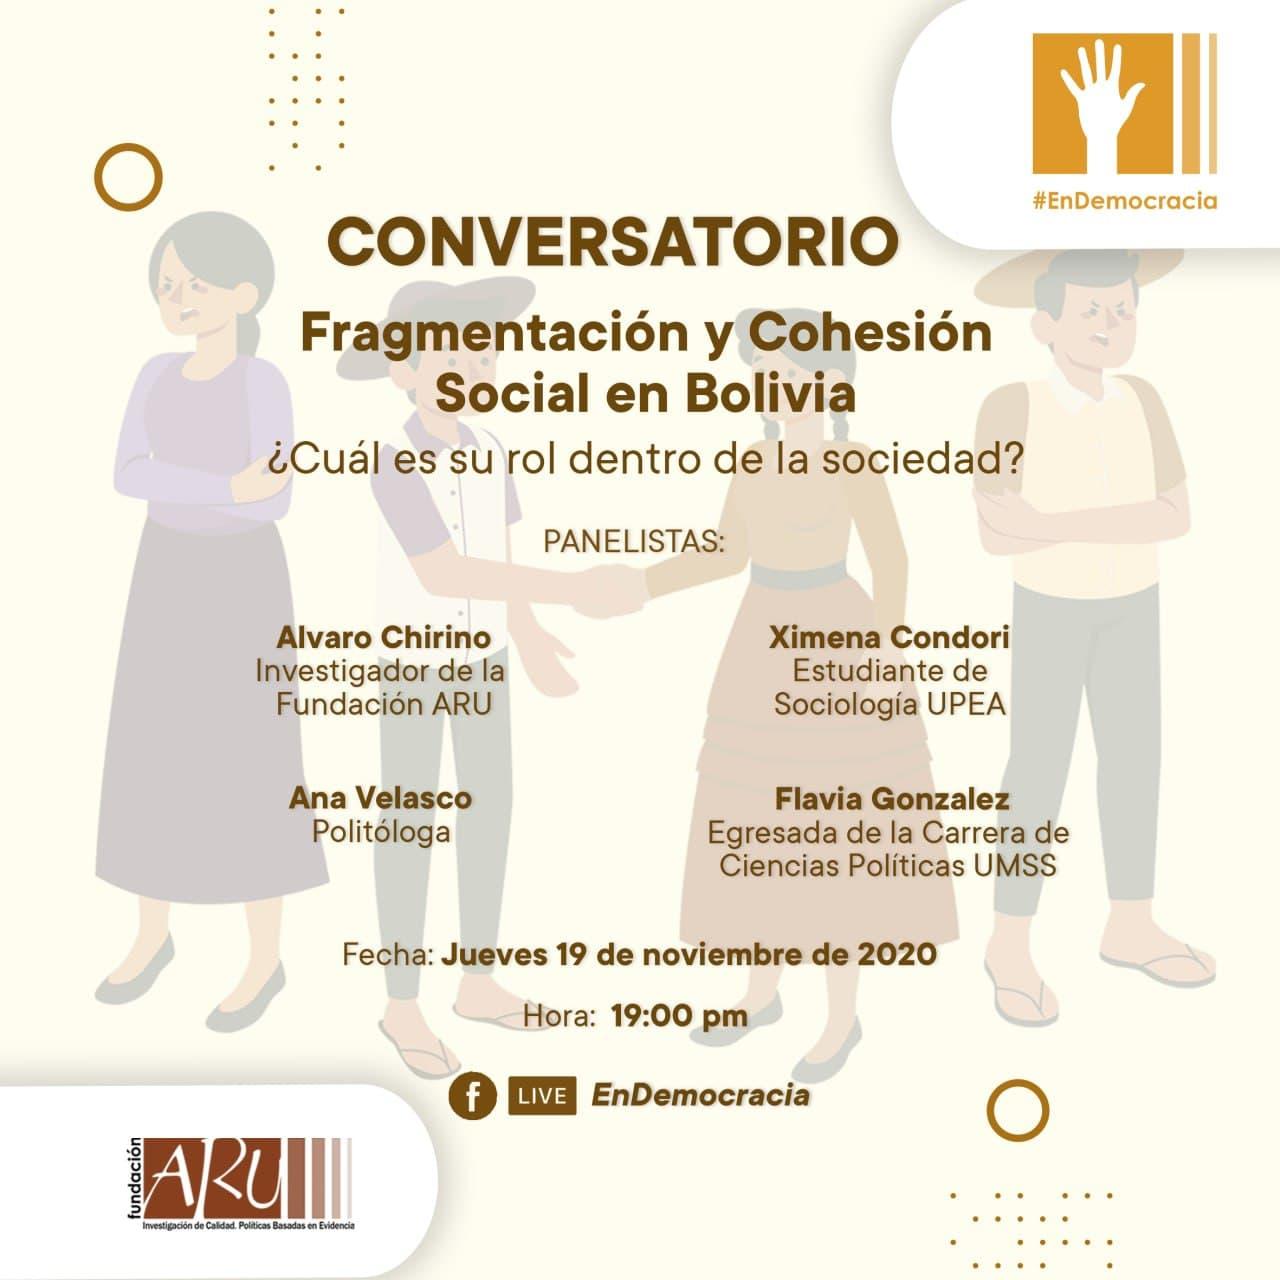 Fragmentación y Cohesión Social en Bolivia